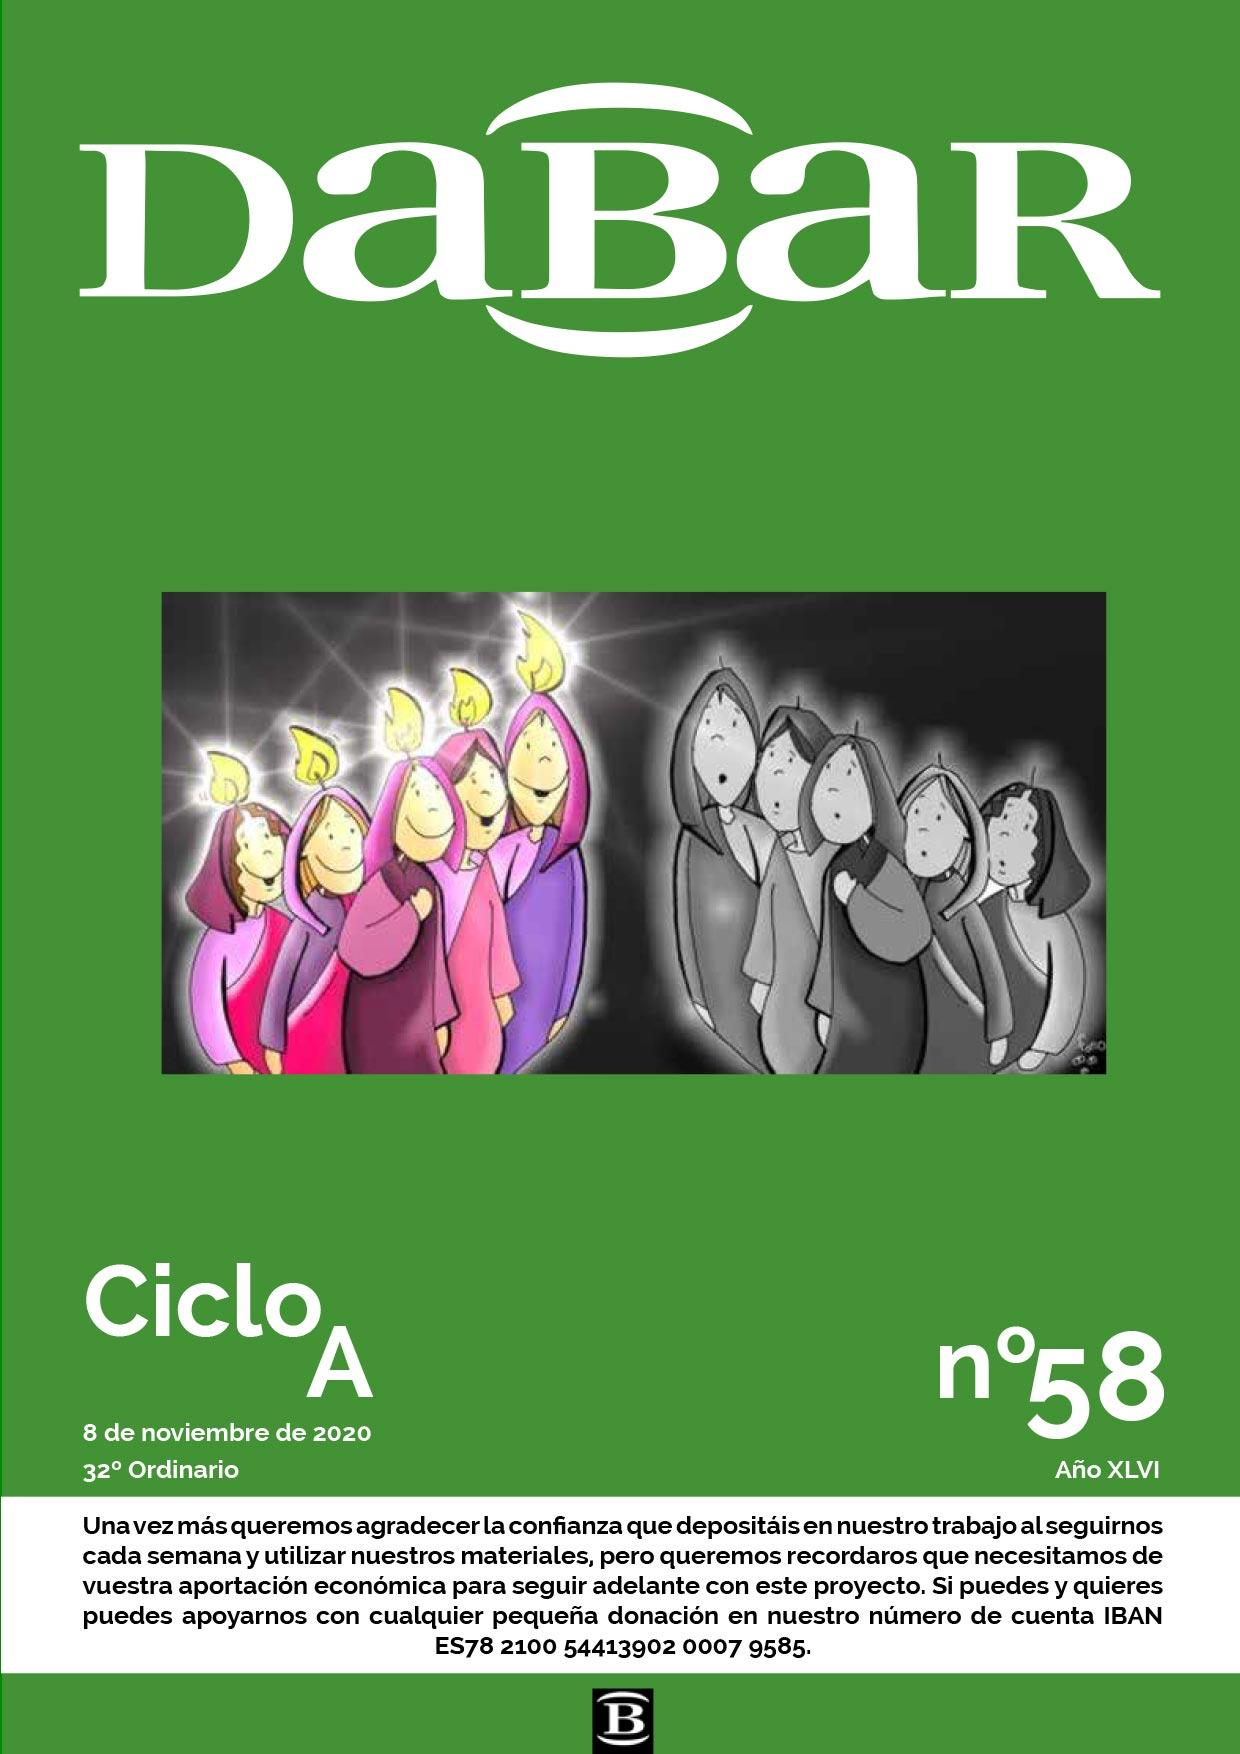 Dabar Revista numero 58 ciclo A